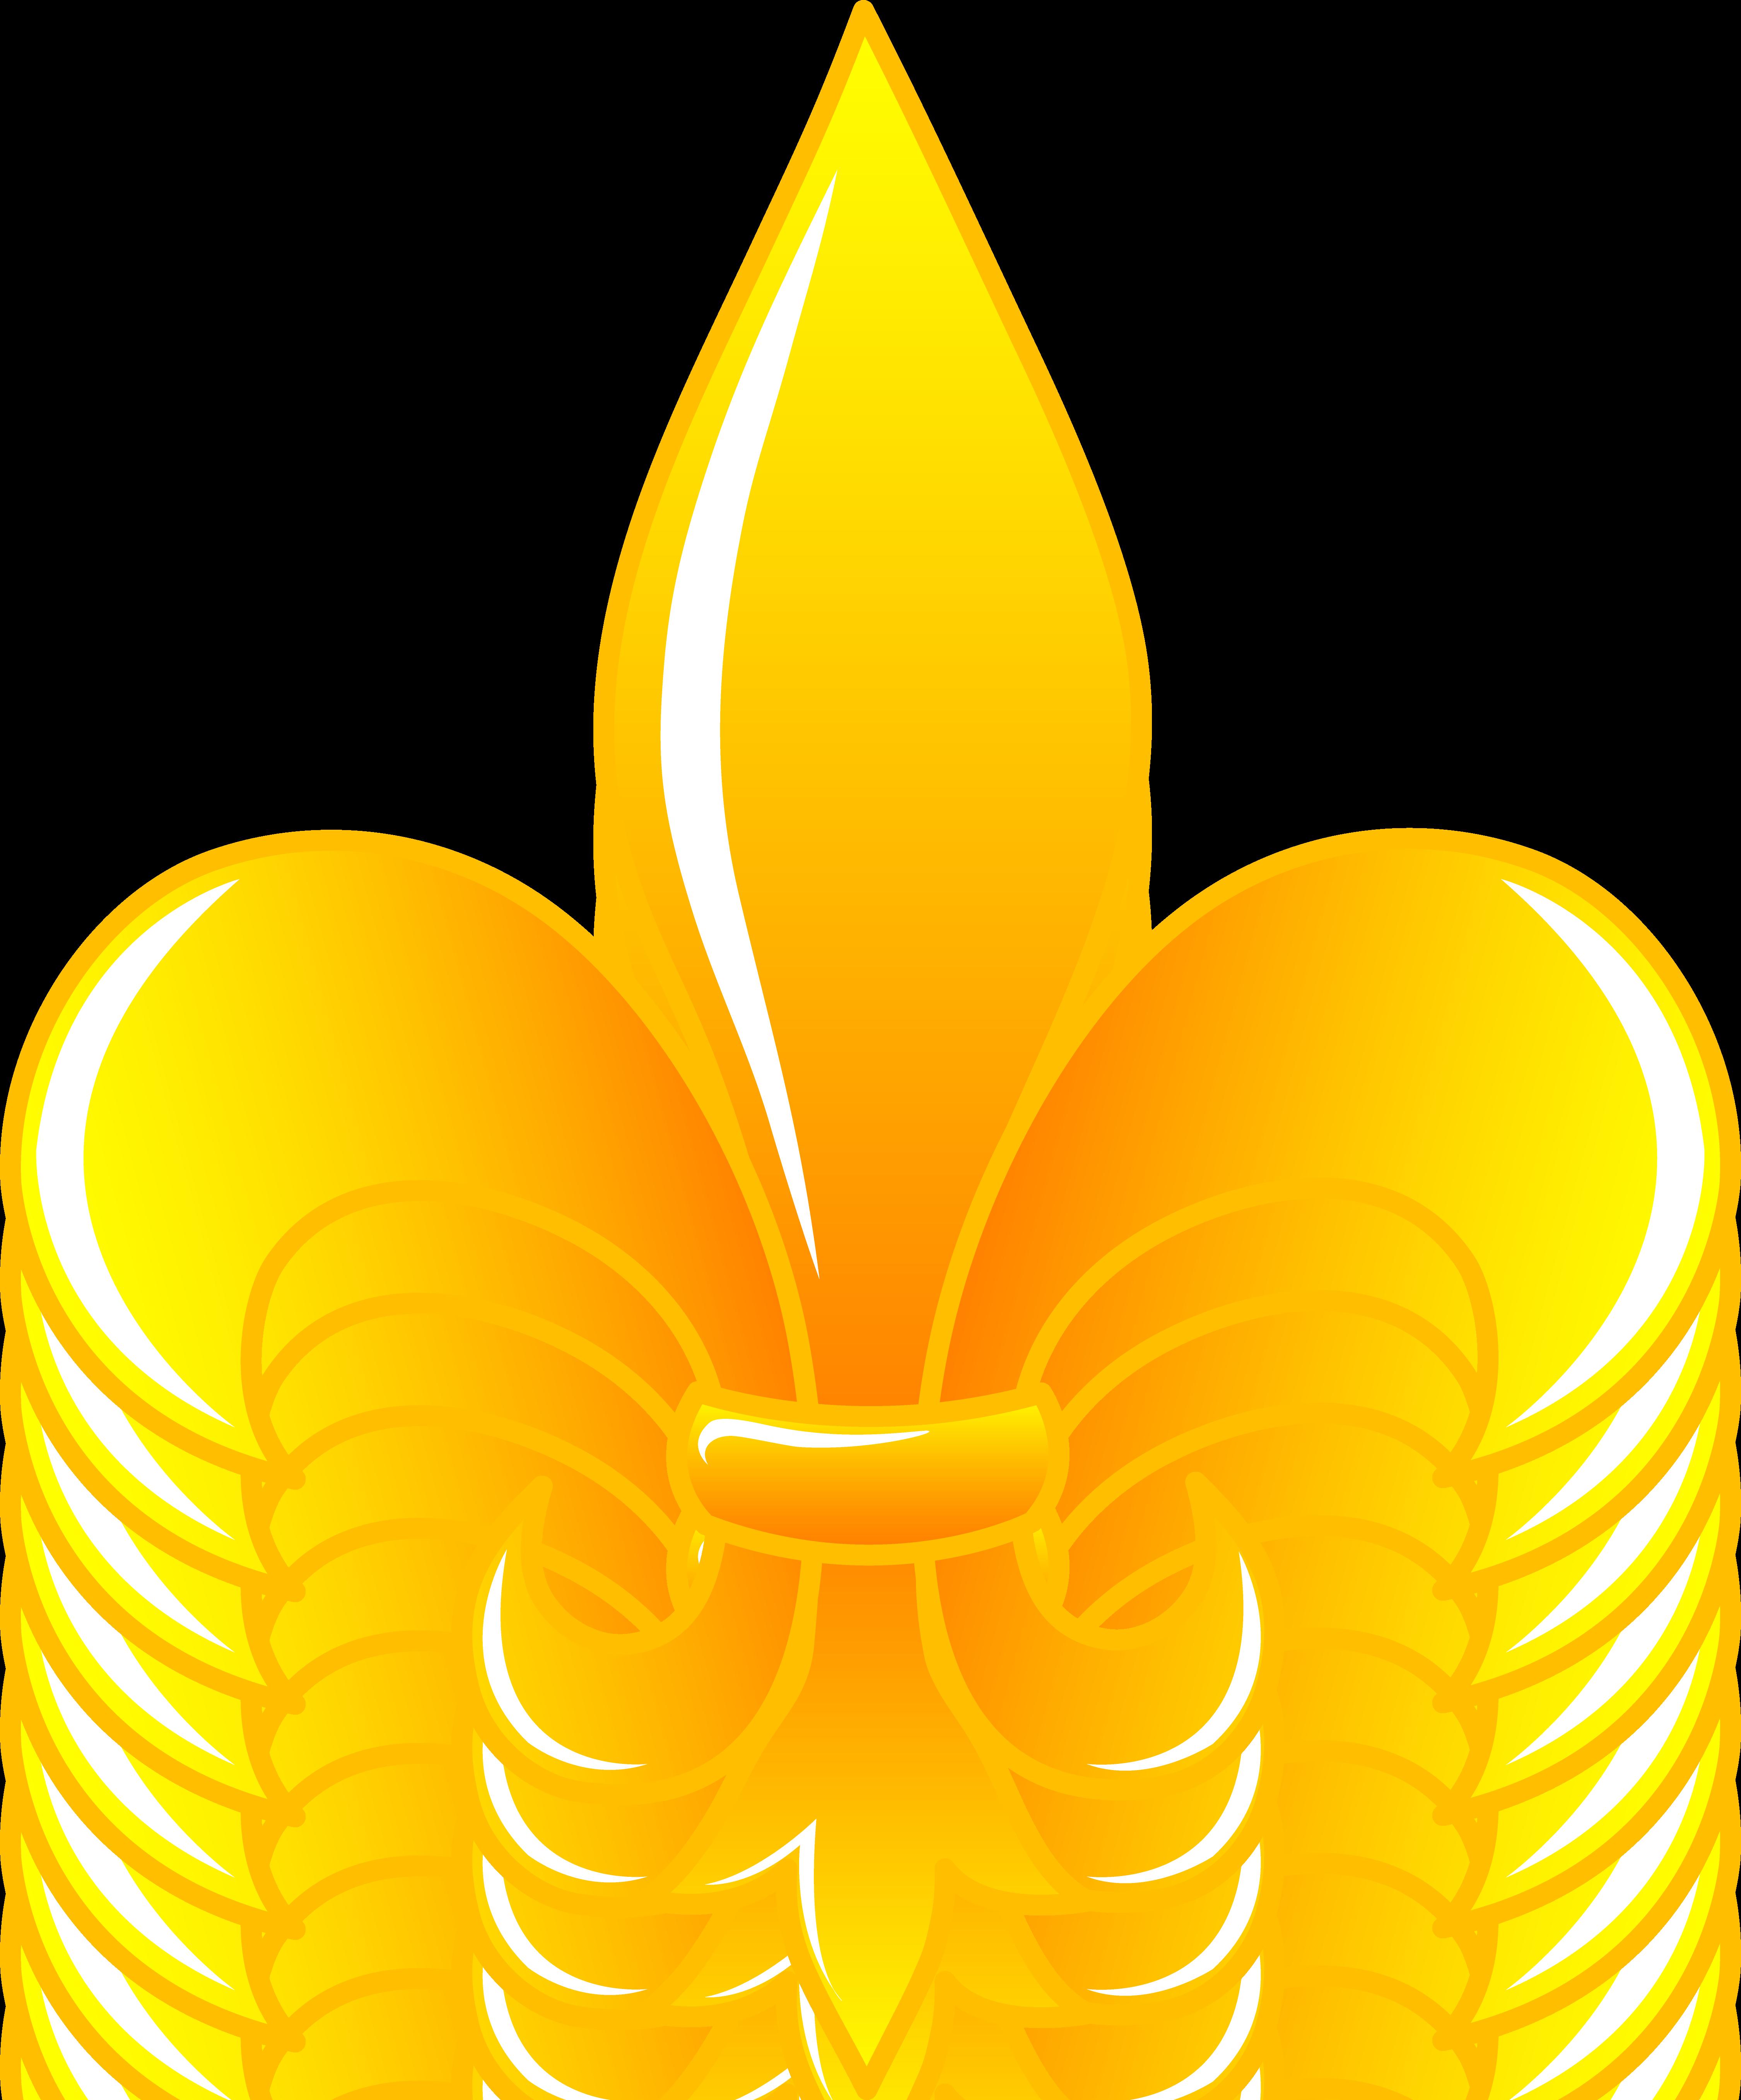 4501x5429 Shiny Golden Fleur De Lis